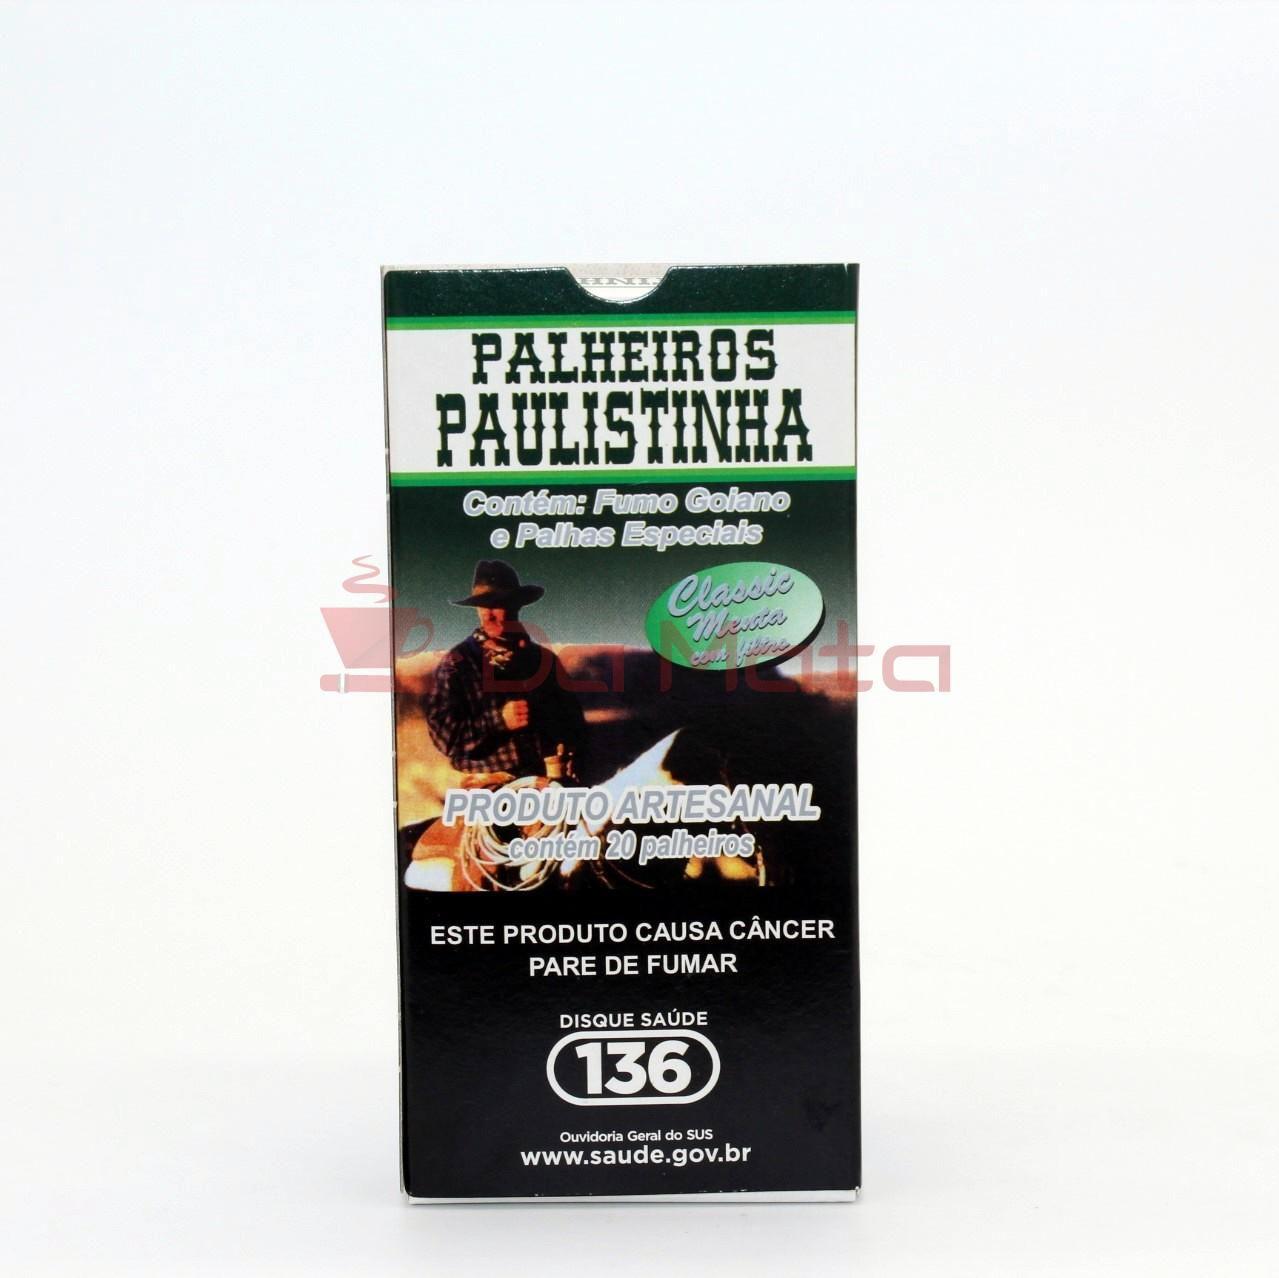 Palheiros Paulistinha - Classic Menta com filtro